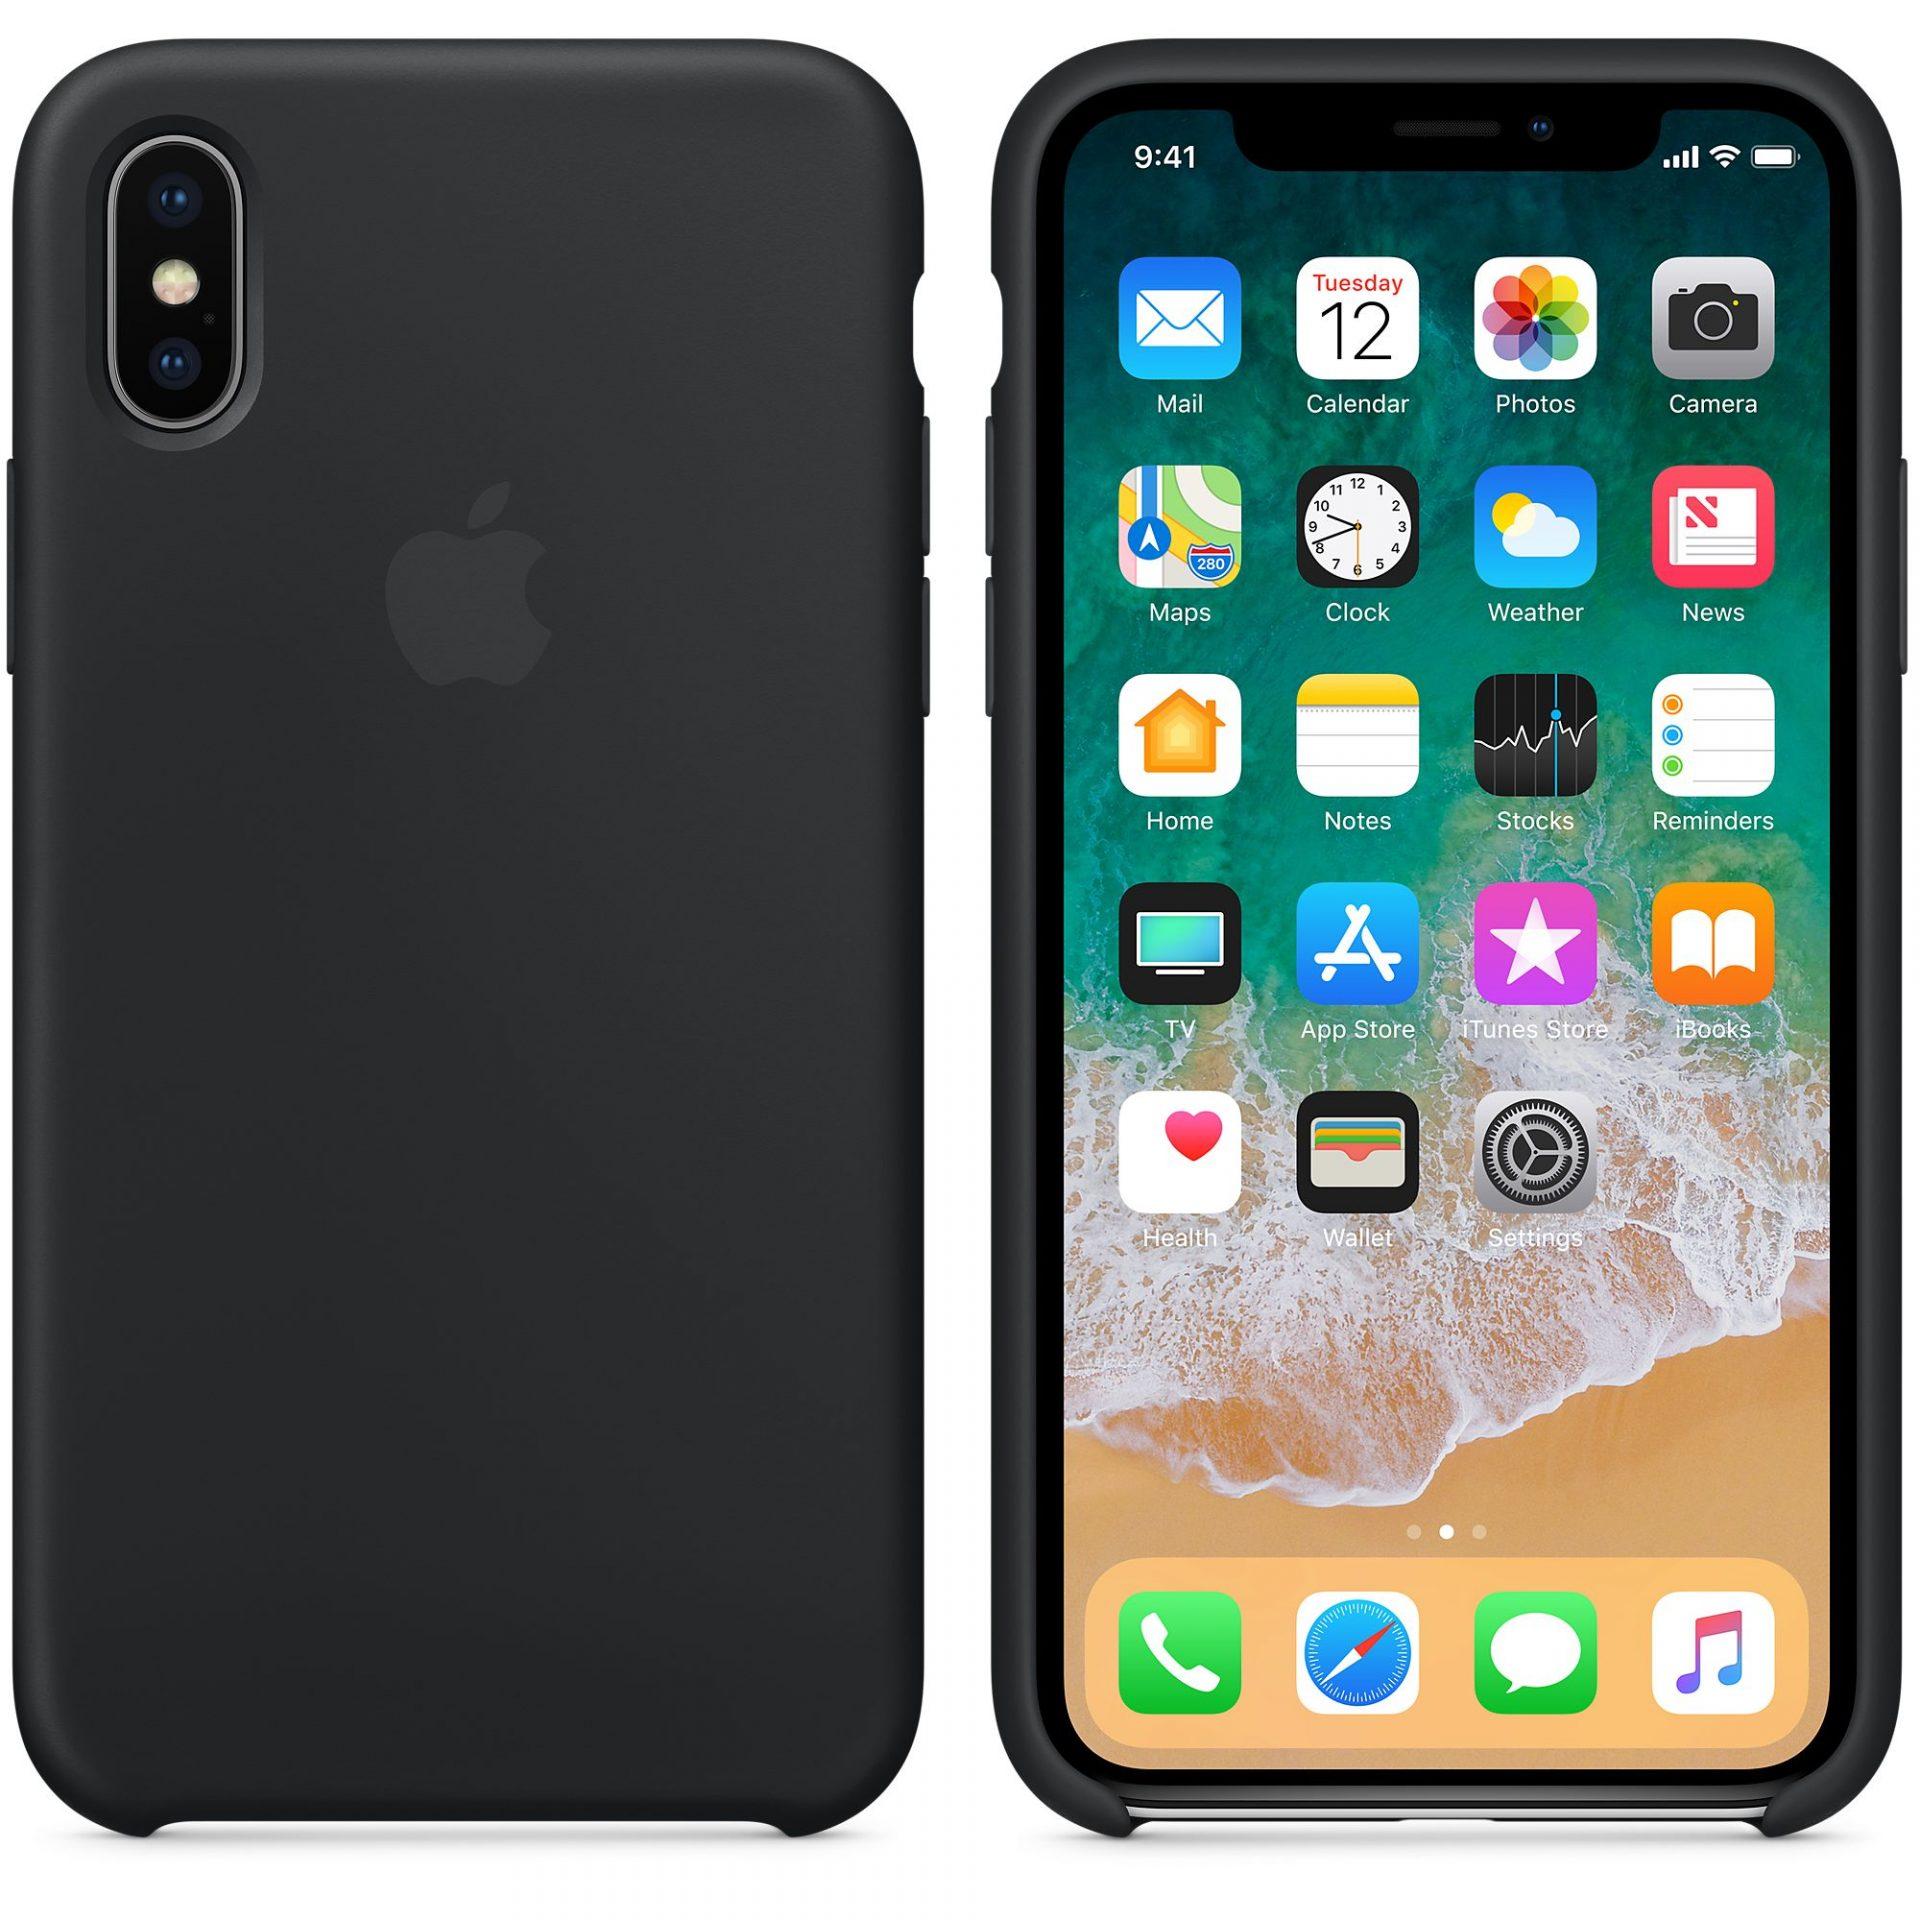 כיסוי מקורי של אפל לאייפון iPhone X Silicone Case-Black x